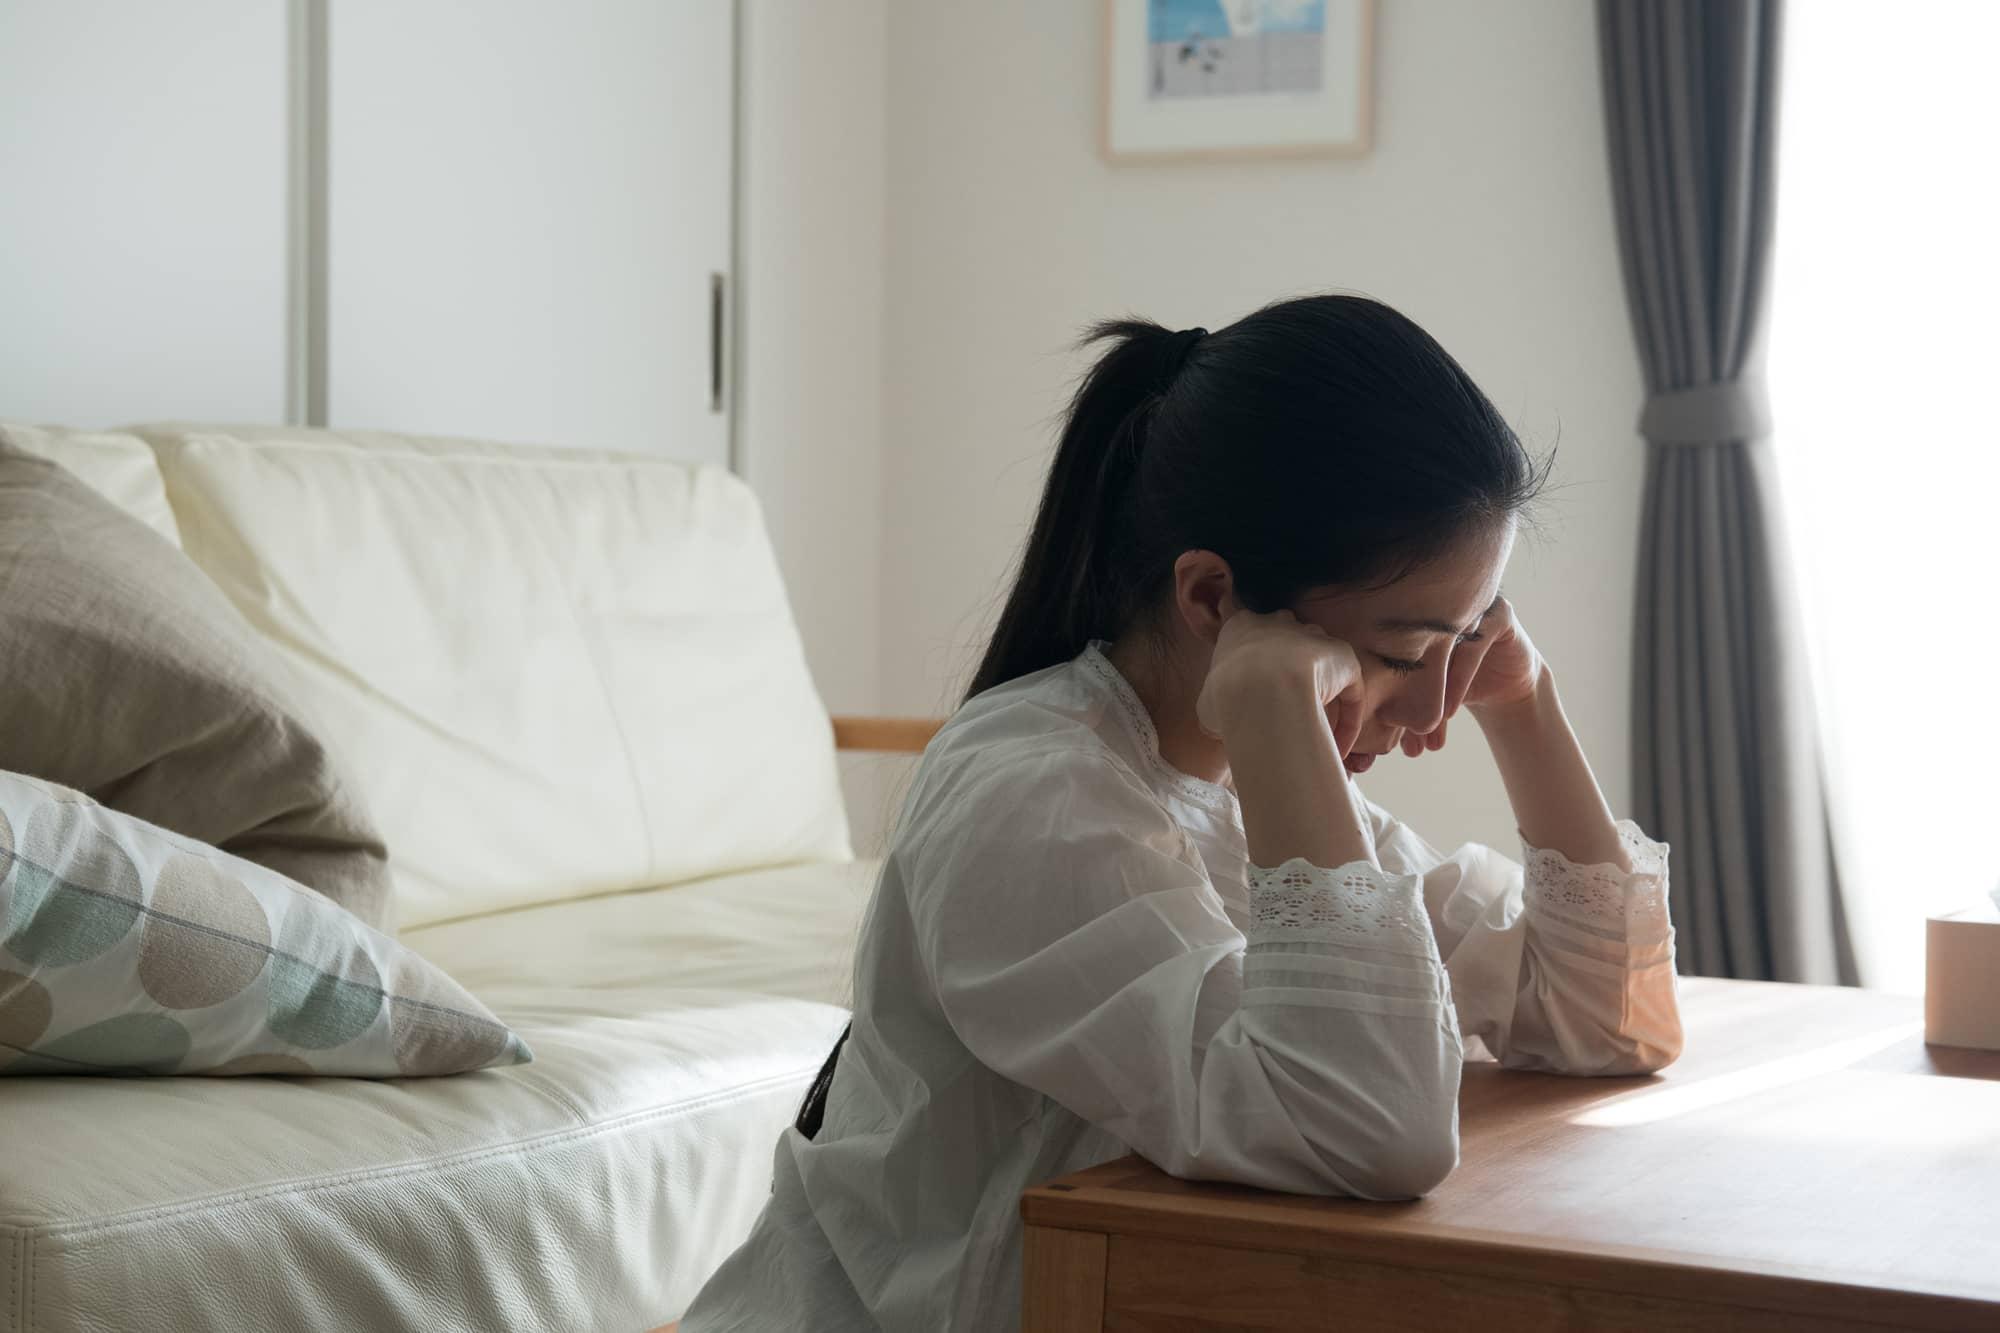 外から見えない「心の傷」をどう癒す? トラウマ・PTSDとの向き合い方を教えてくれる本5選